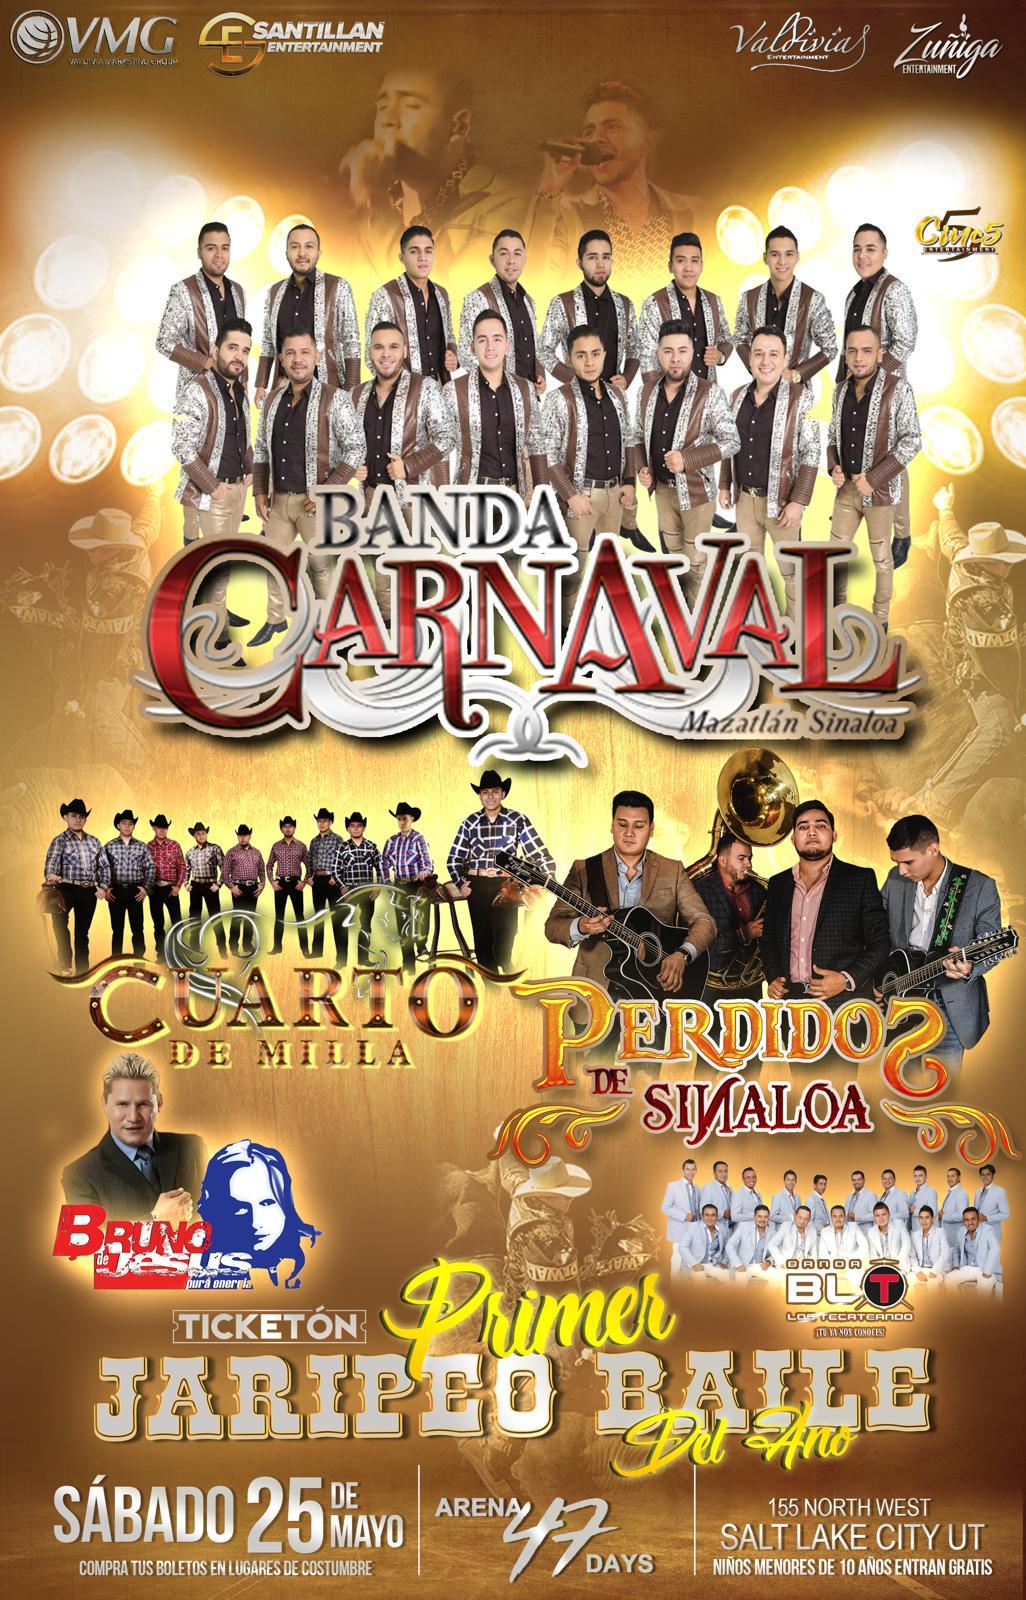 Primer Jaripeo Baile del año con Banda Carnaval, Cuarto de Milla, Perdidos de Sinaloa, Bruno de Jesus y Banda BLT. – Arena 47 Days de Salt Lake City – UT